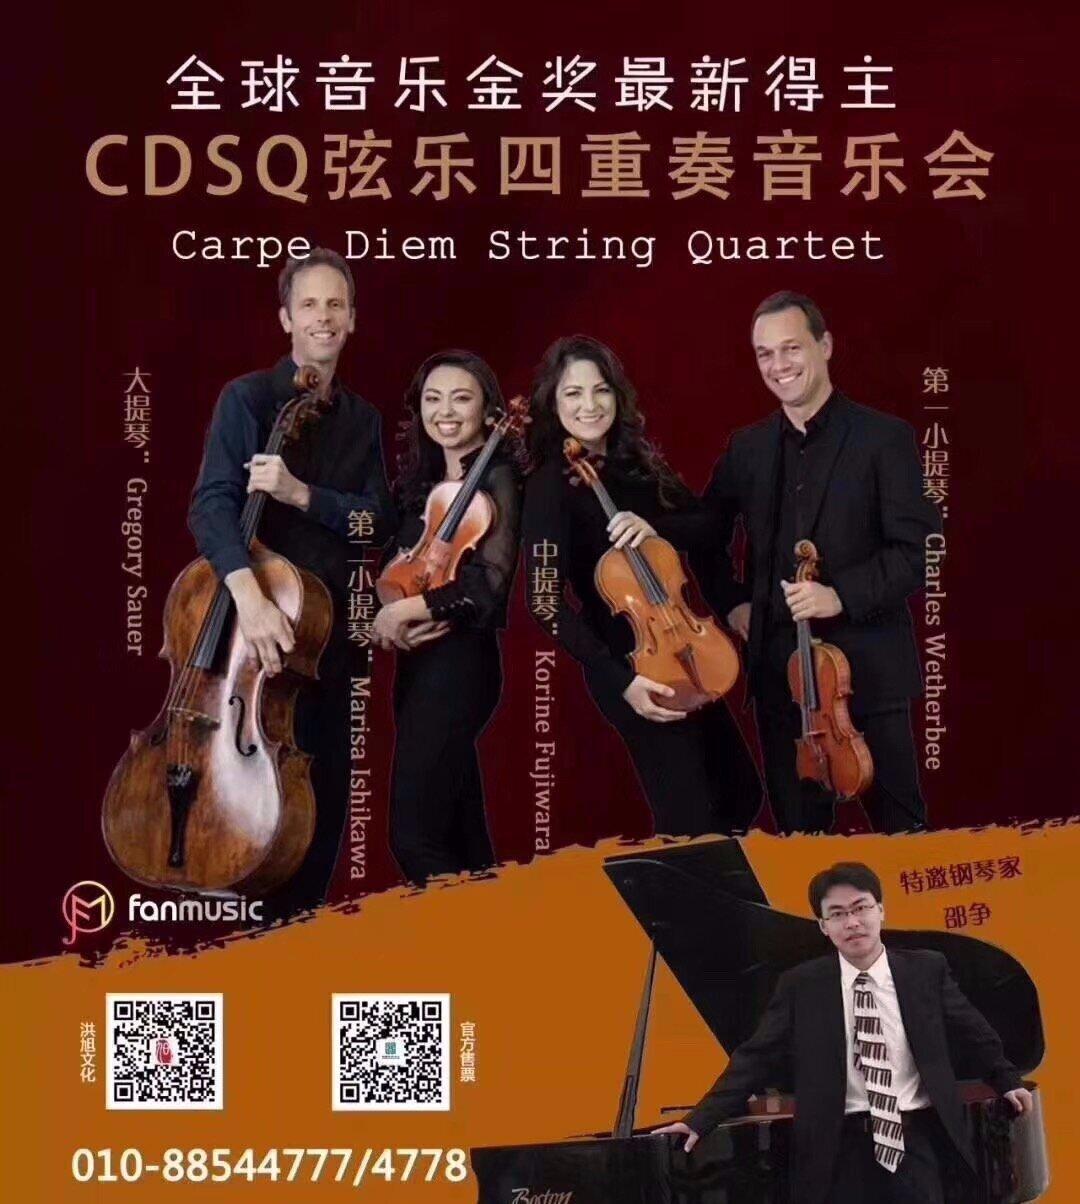 Official CDSQ poster